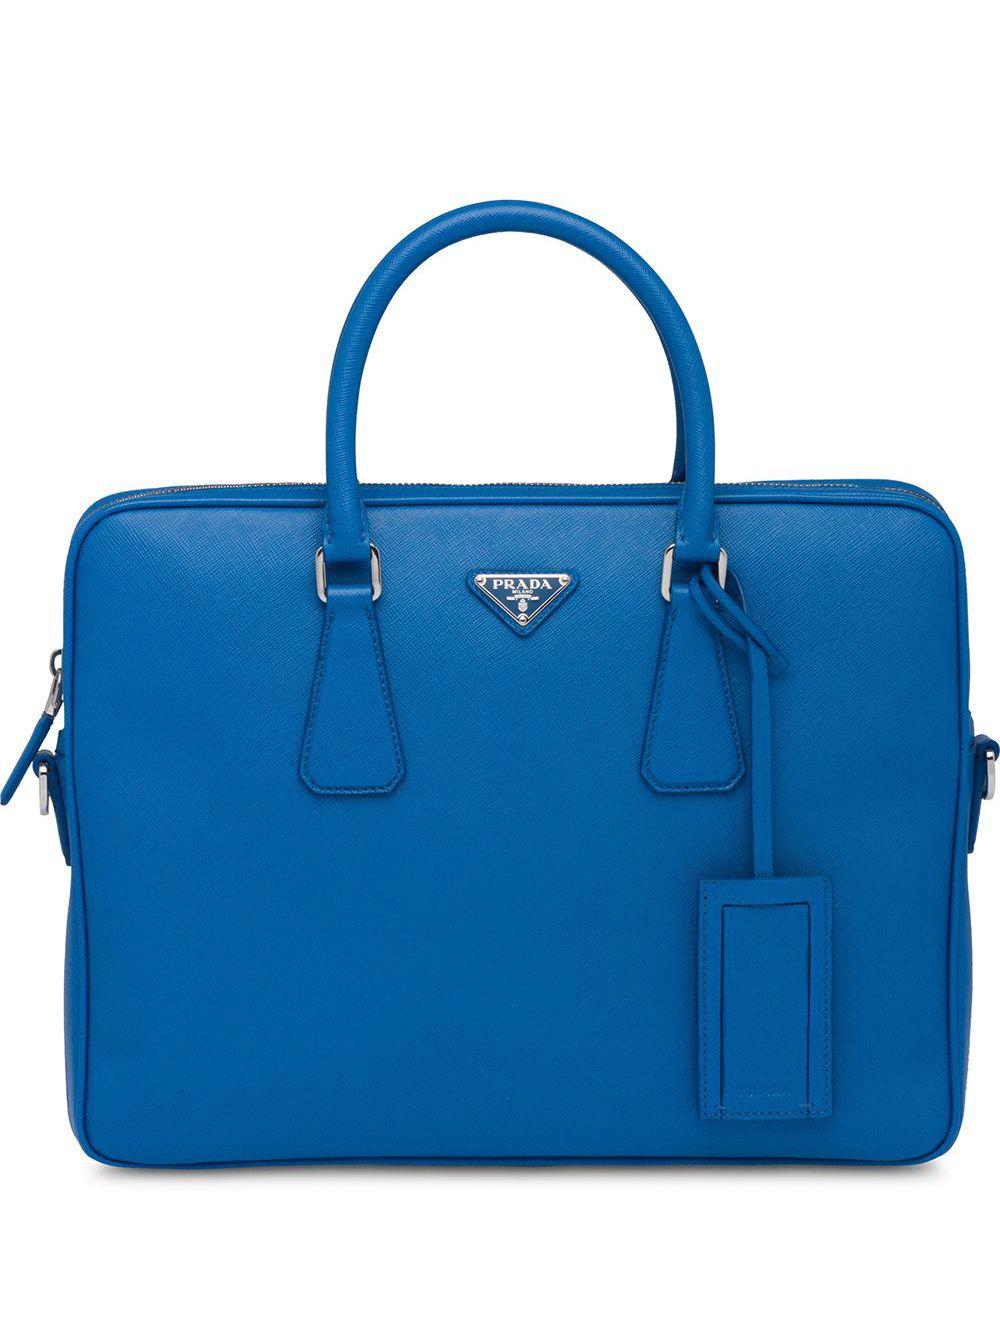 Prada Klassische Aktentasche - Blau